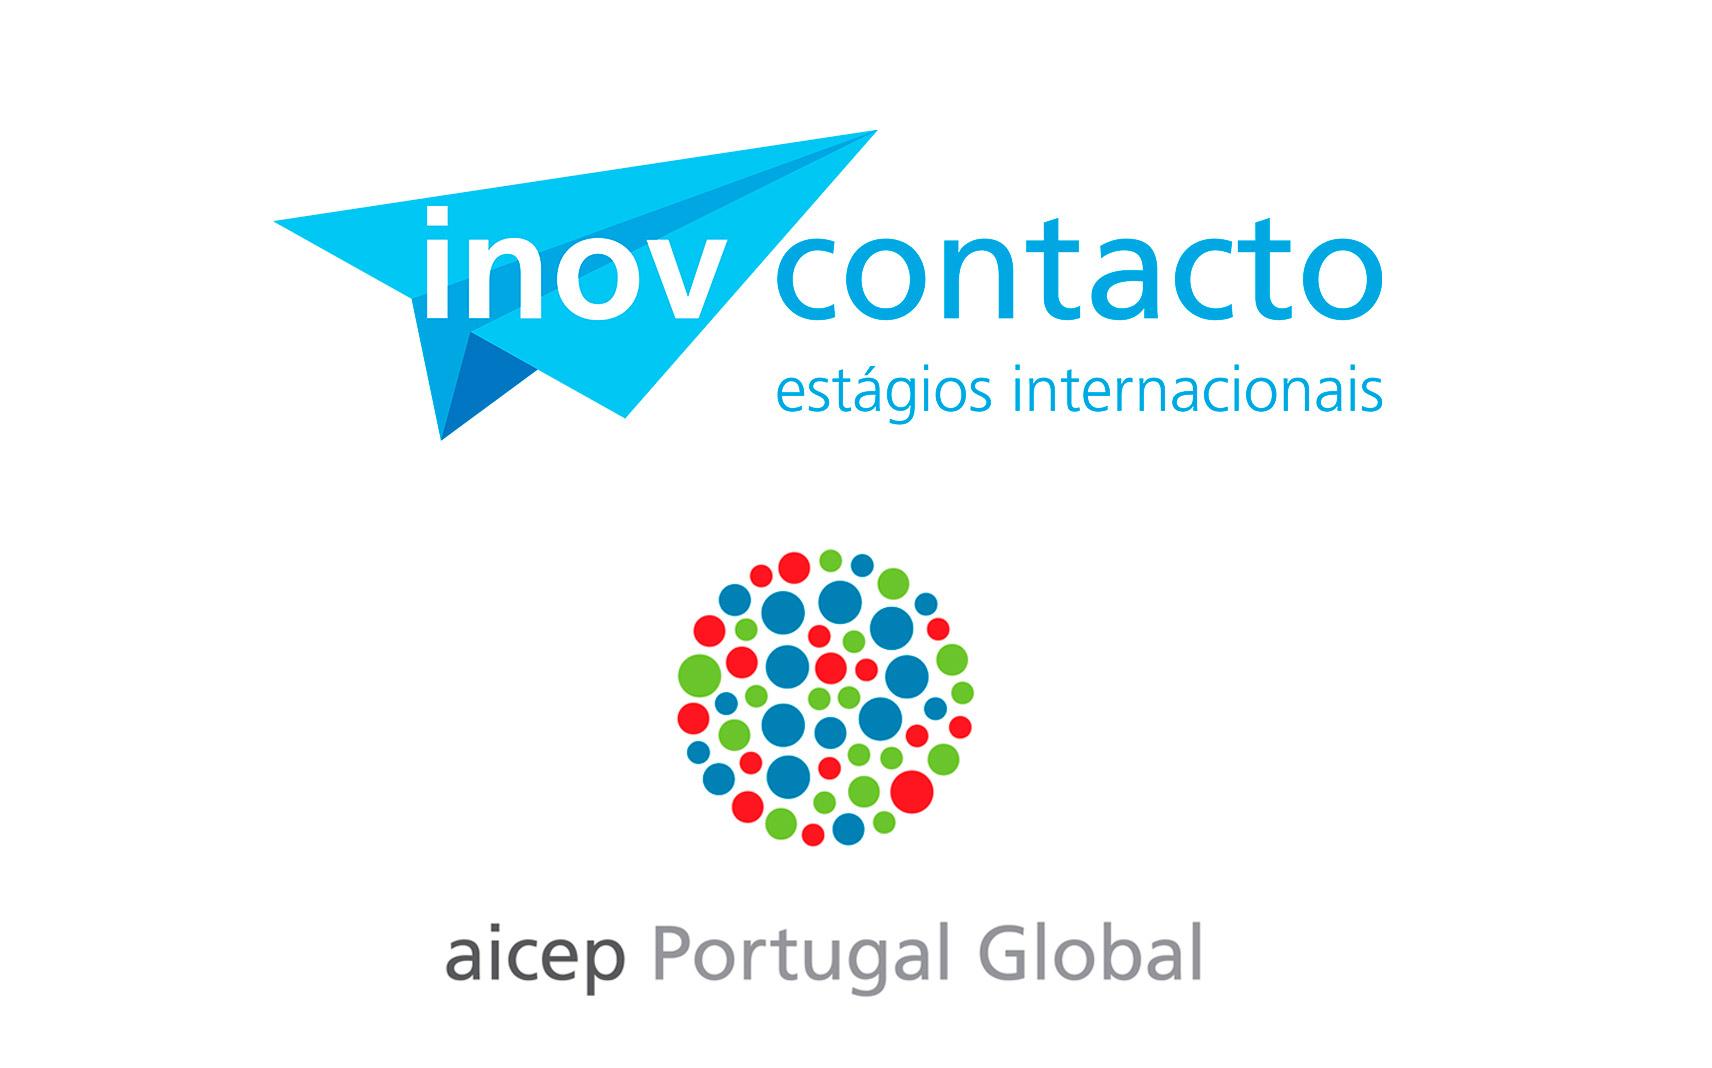 Realizámos o assessment do maior e mais importante Programa de Estágios Internacionais em Portugal